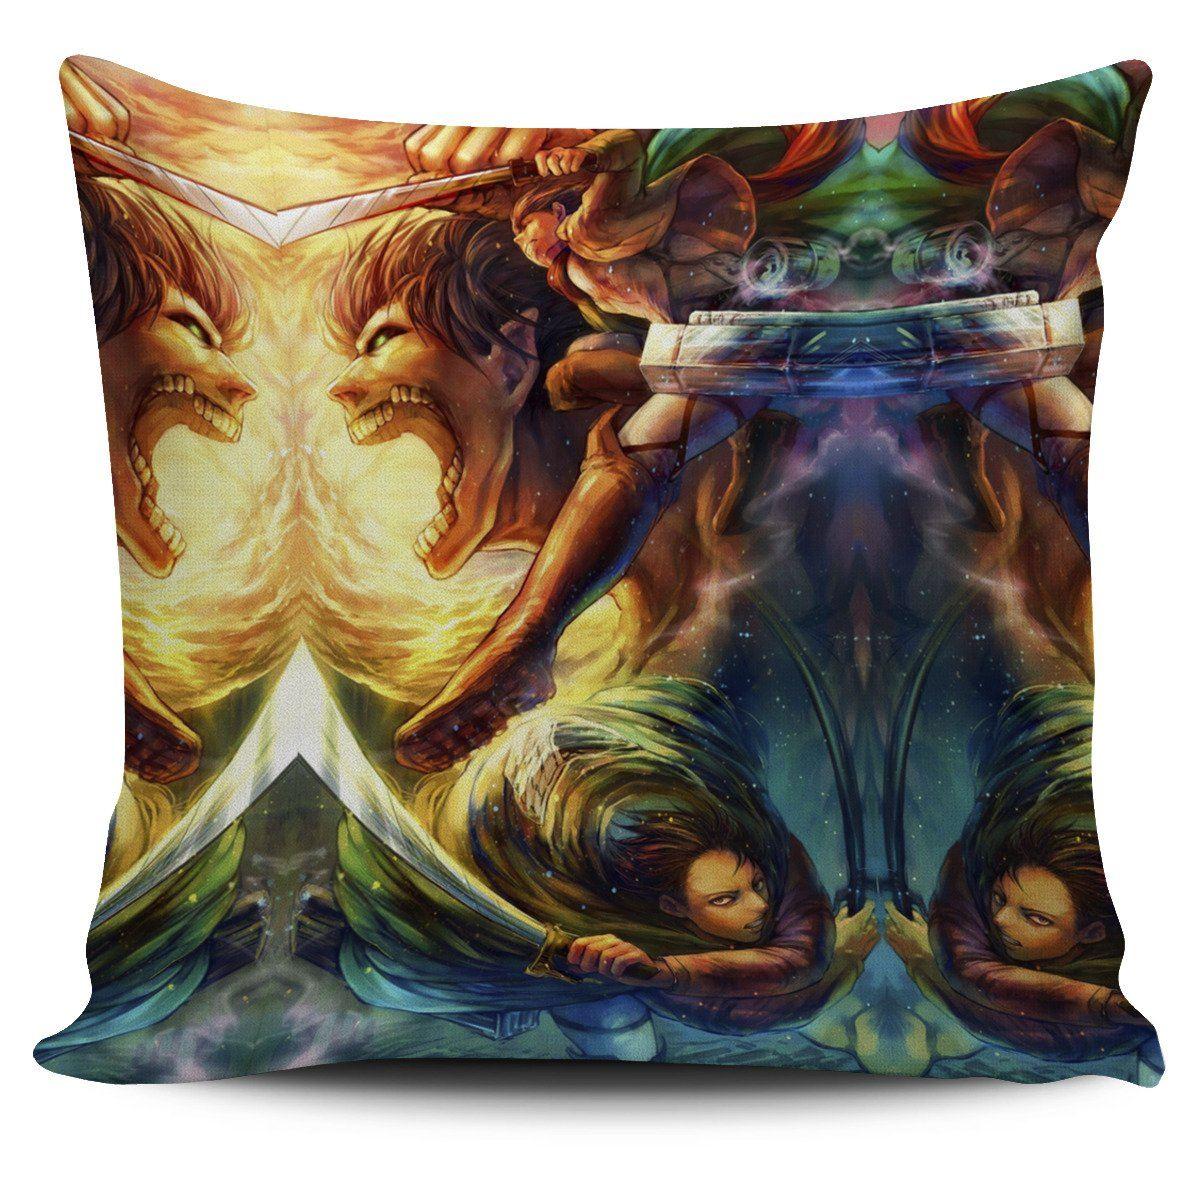 vibrant attack on titan pillow cover 644493 - Attack On Titan Store